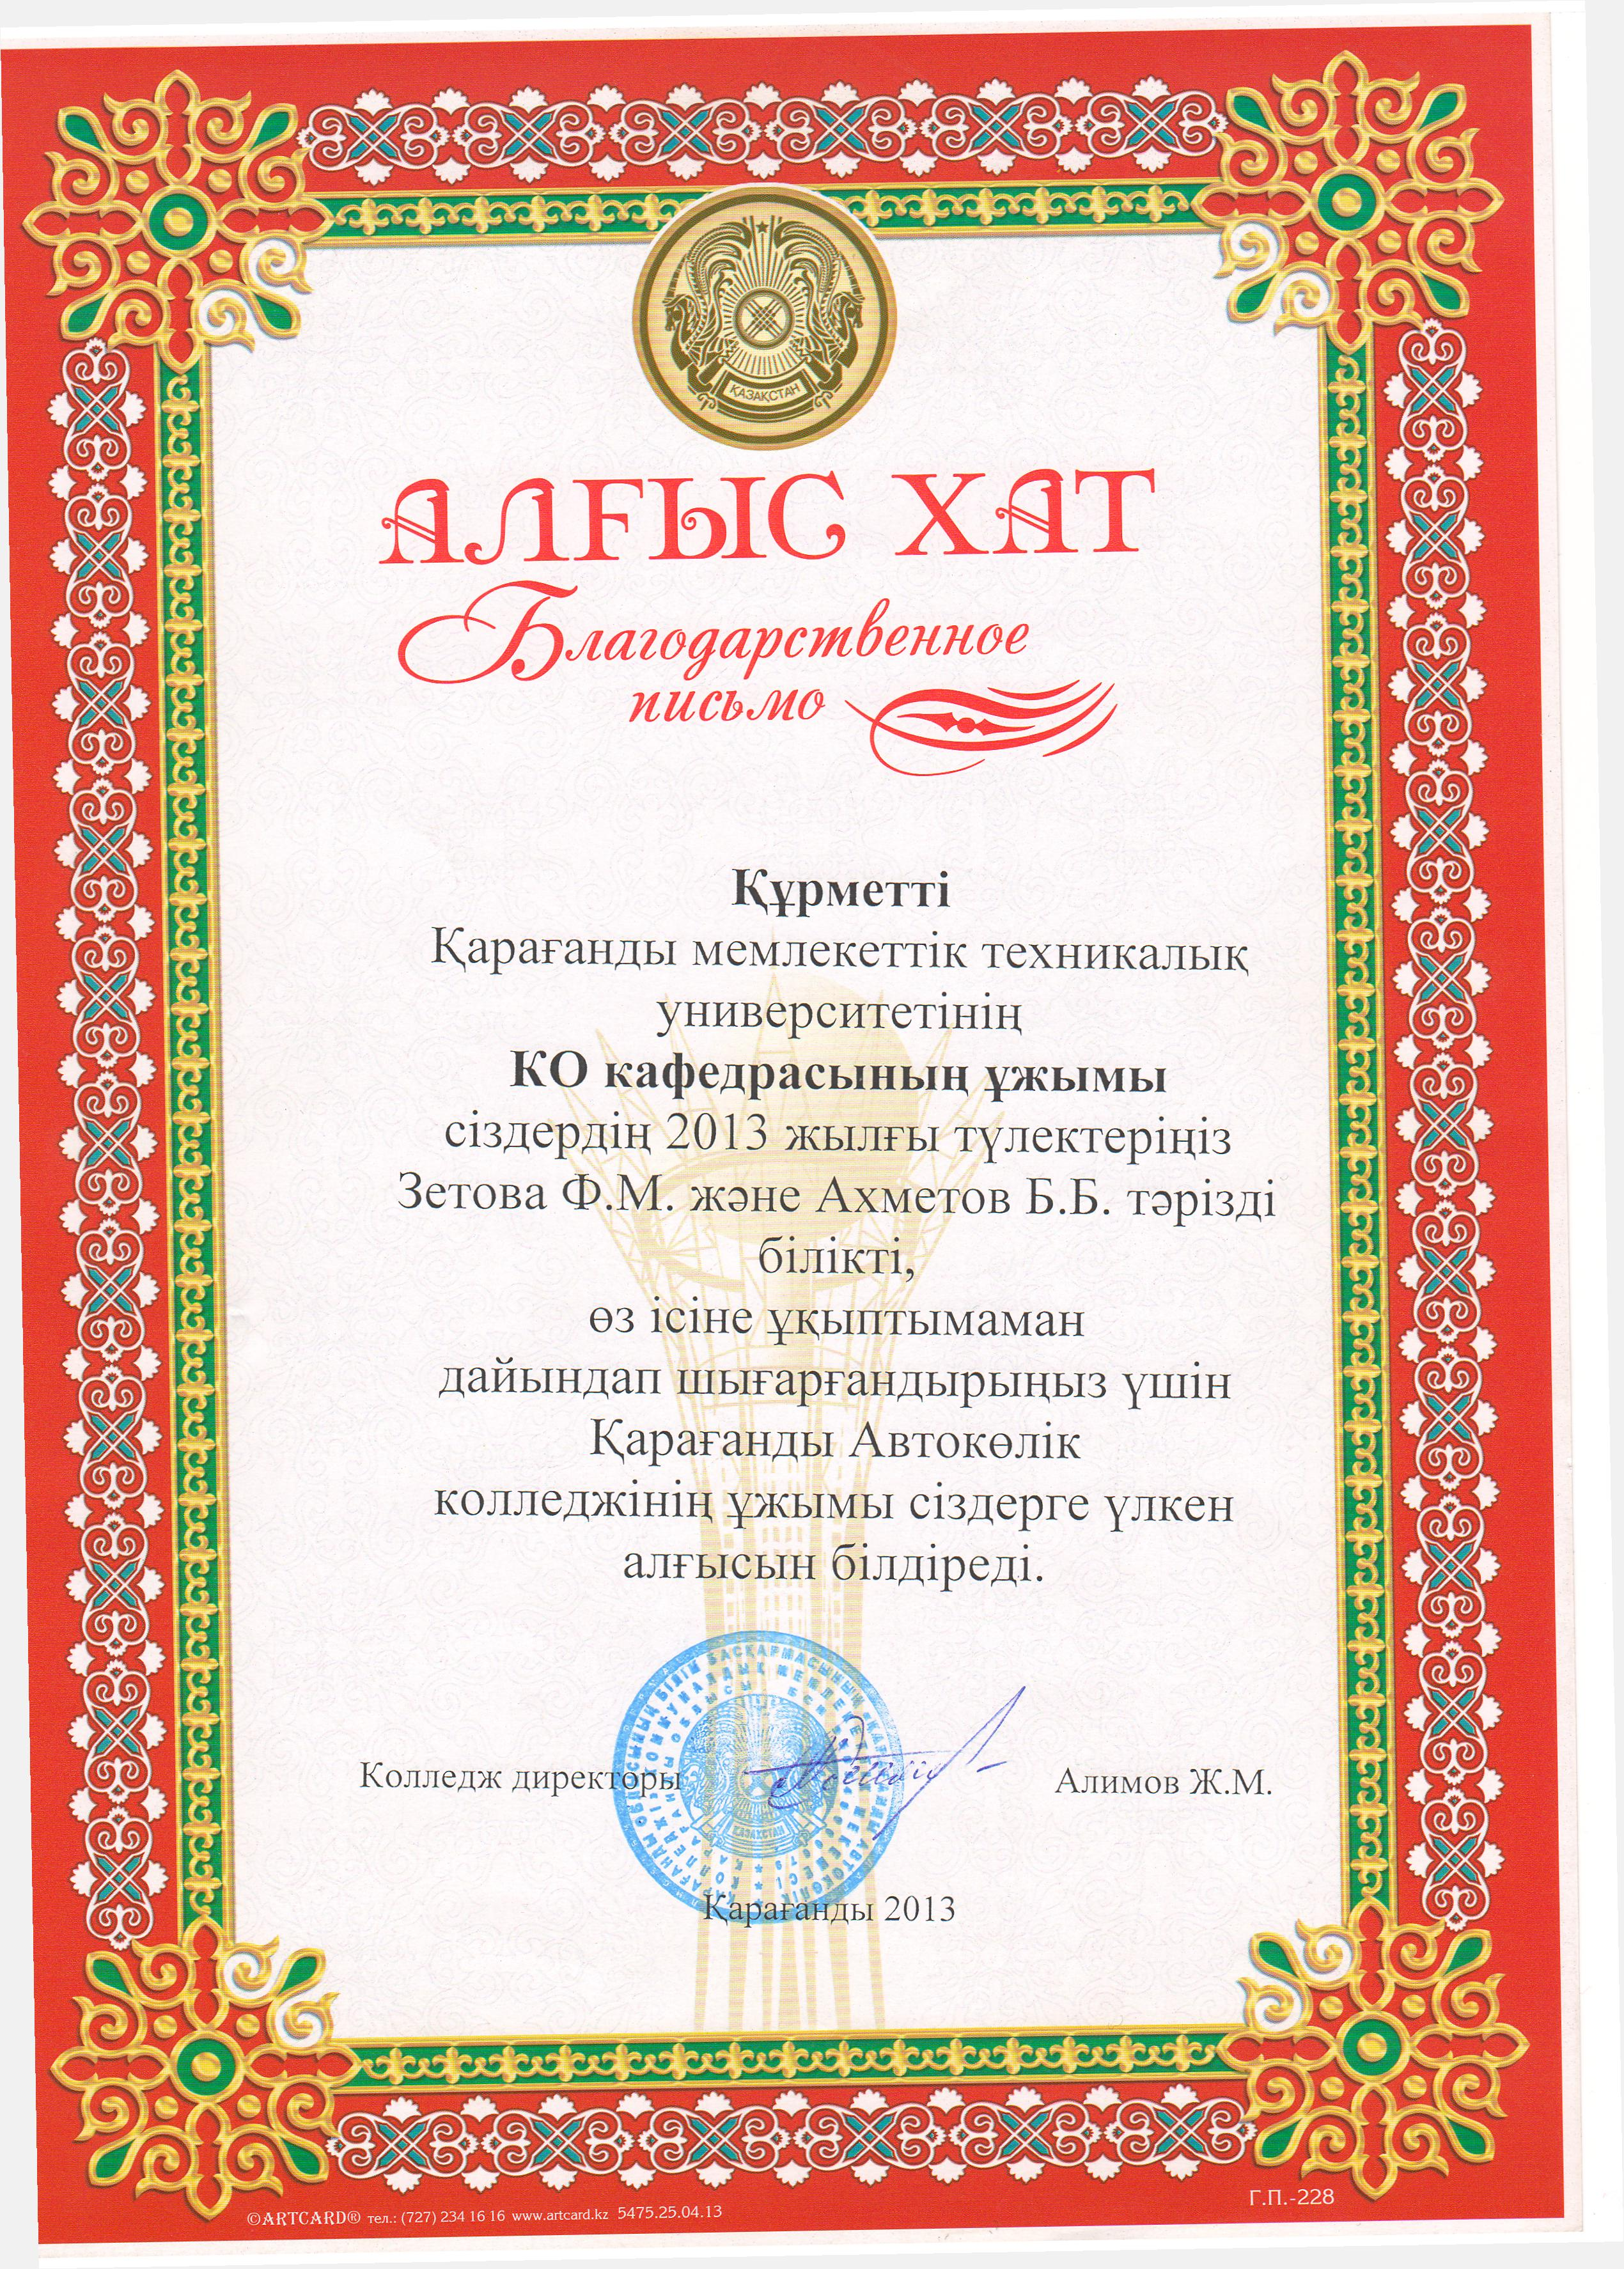 Blagodarstvennye-pisma-kafedra-PO0007